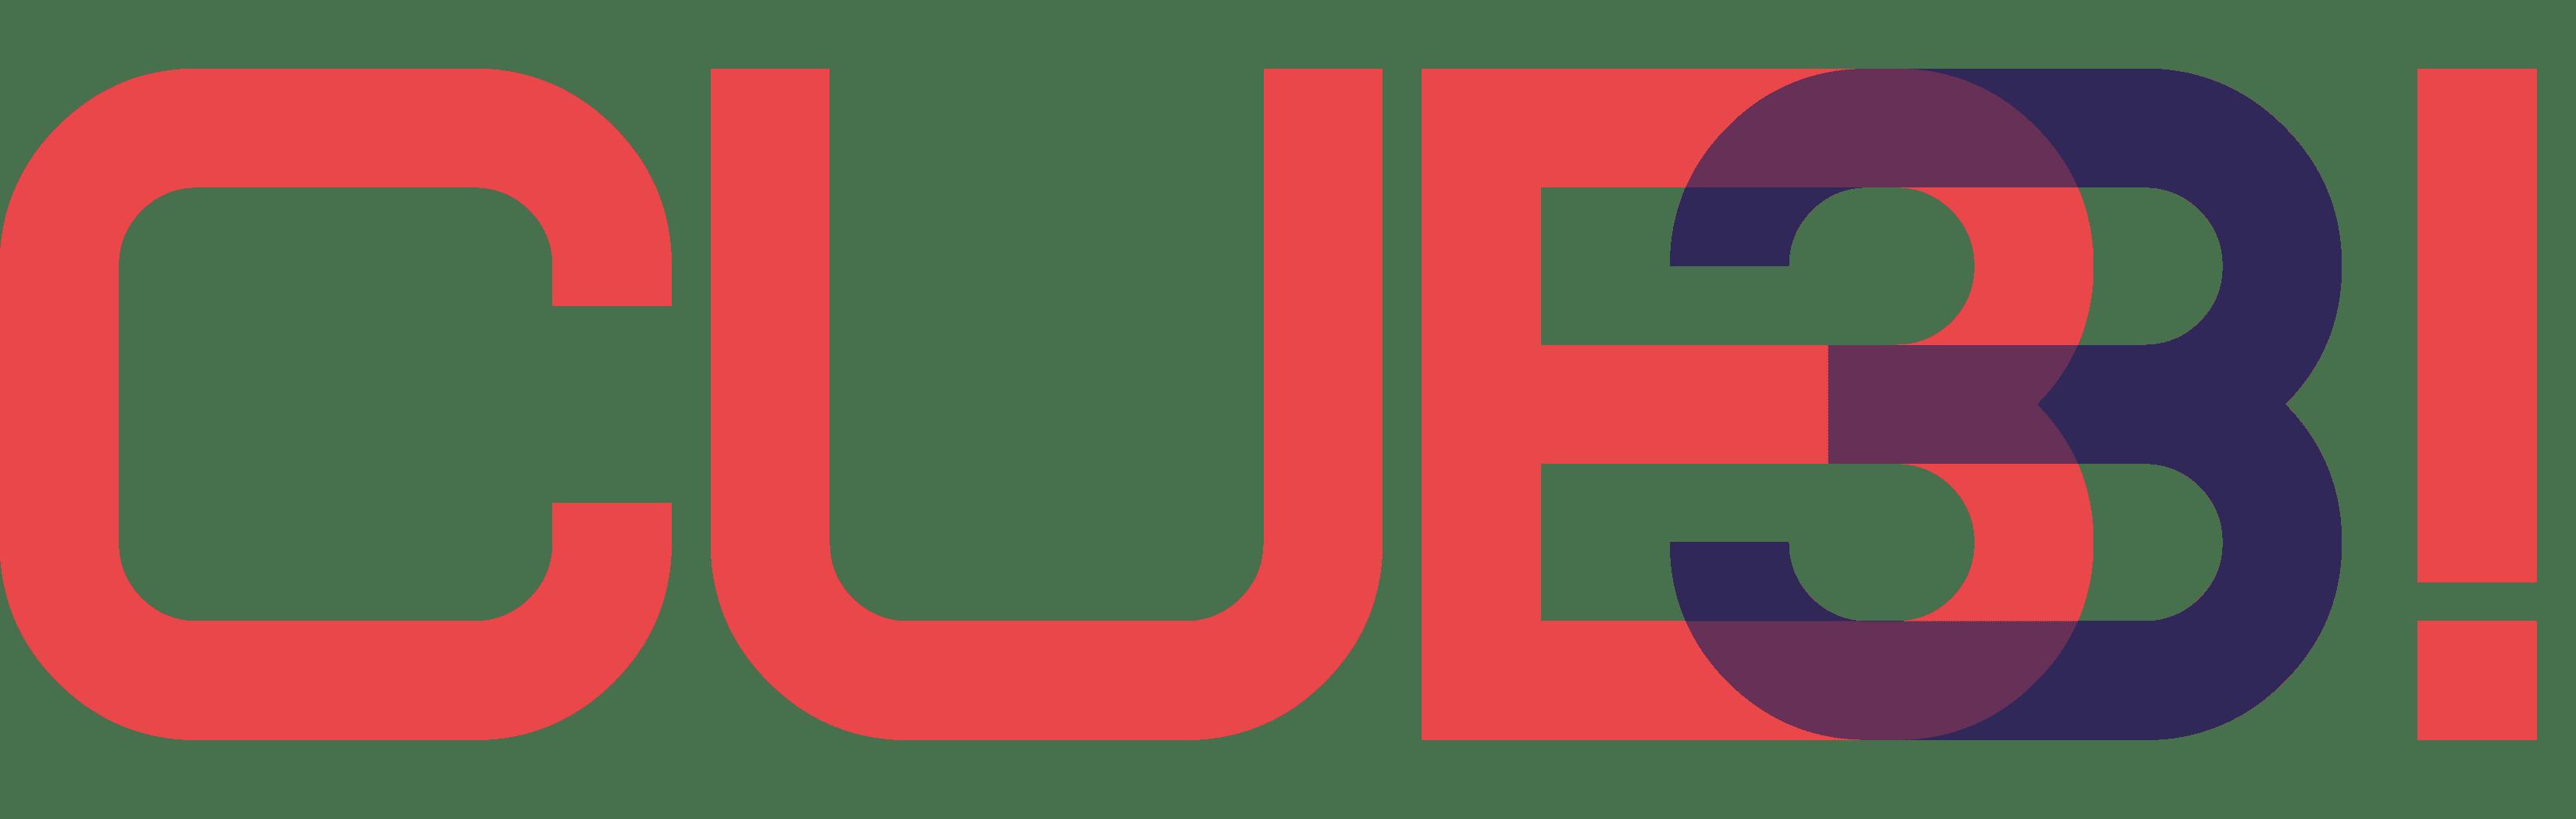 Probe!   CUB3! - Le 3 dimensioni della customer: Soddisfazione, Fedeltà e Legame affettivo alla marca.